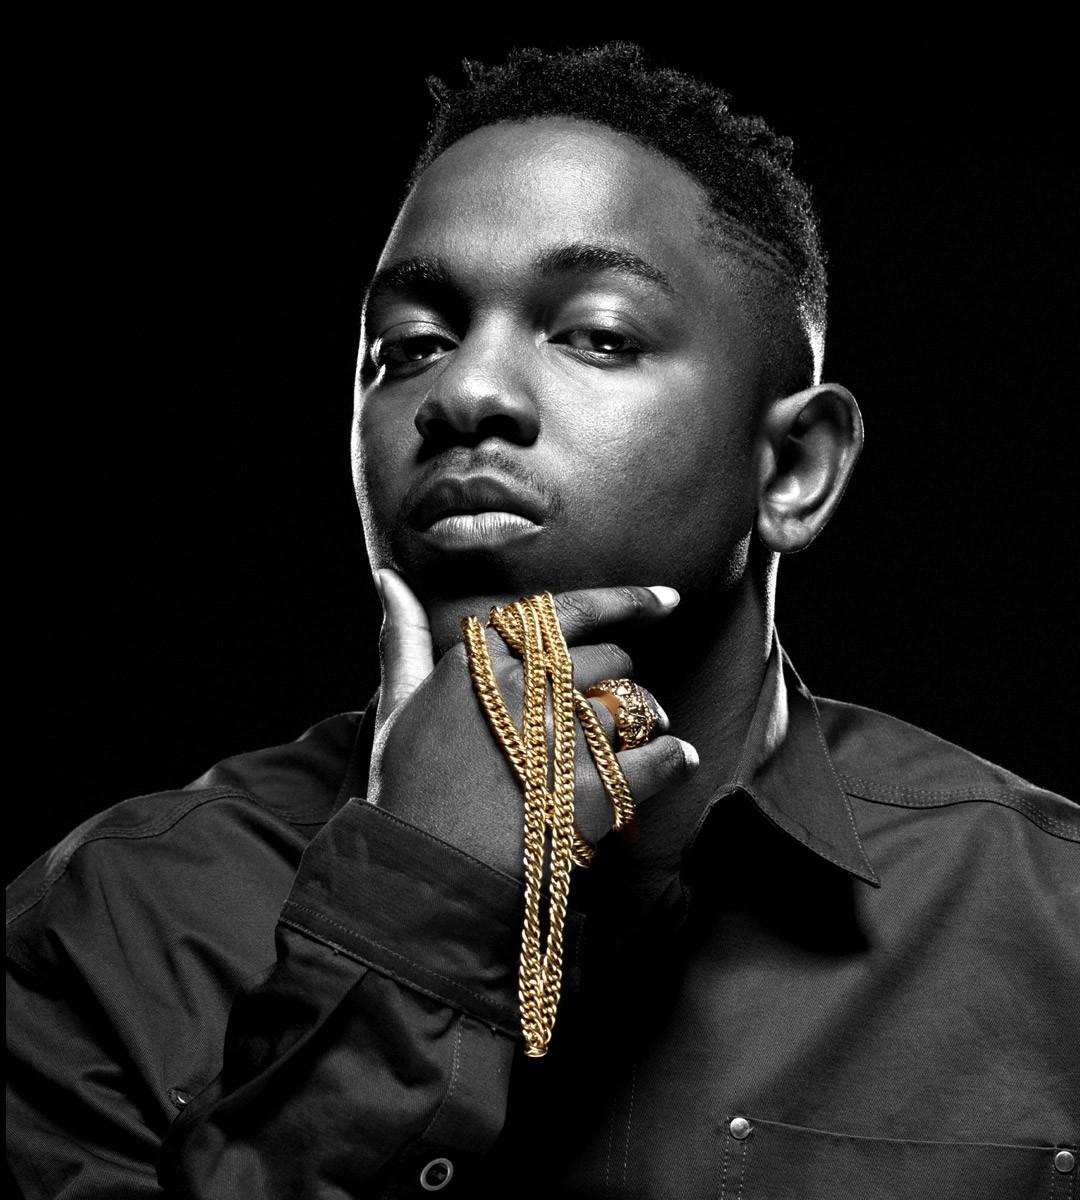 Kendrick lamar wallpaper iphone 6 -  Kendrick Lamar Hiphop Singer Tablet